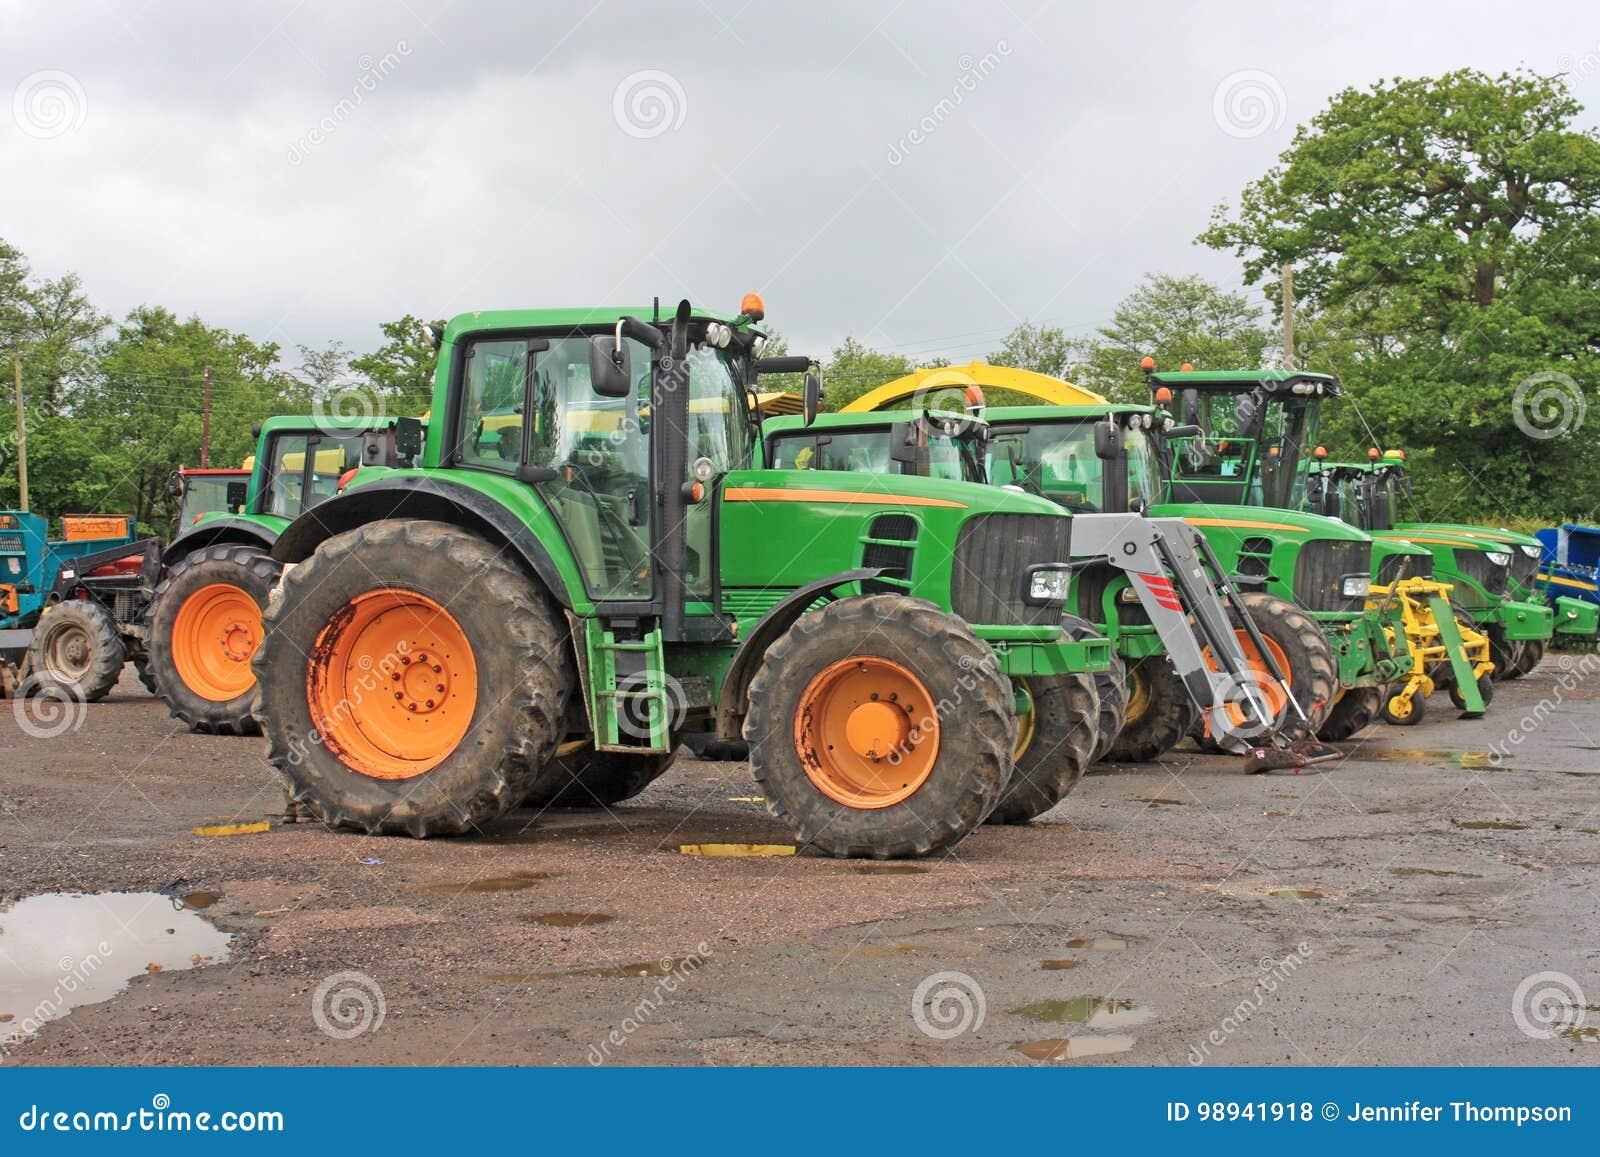 Tracteurs dans une cour